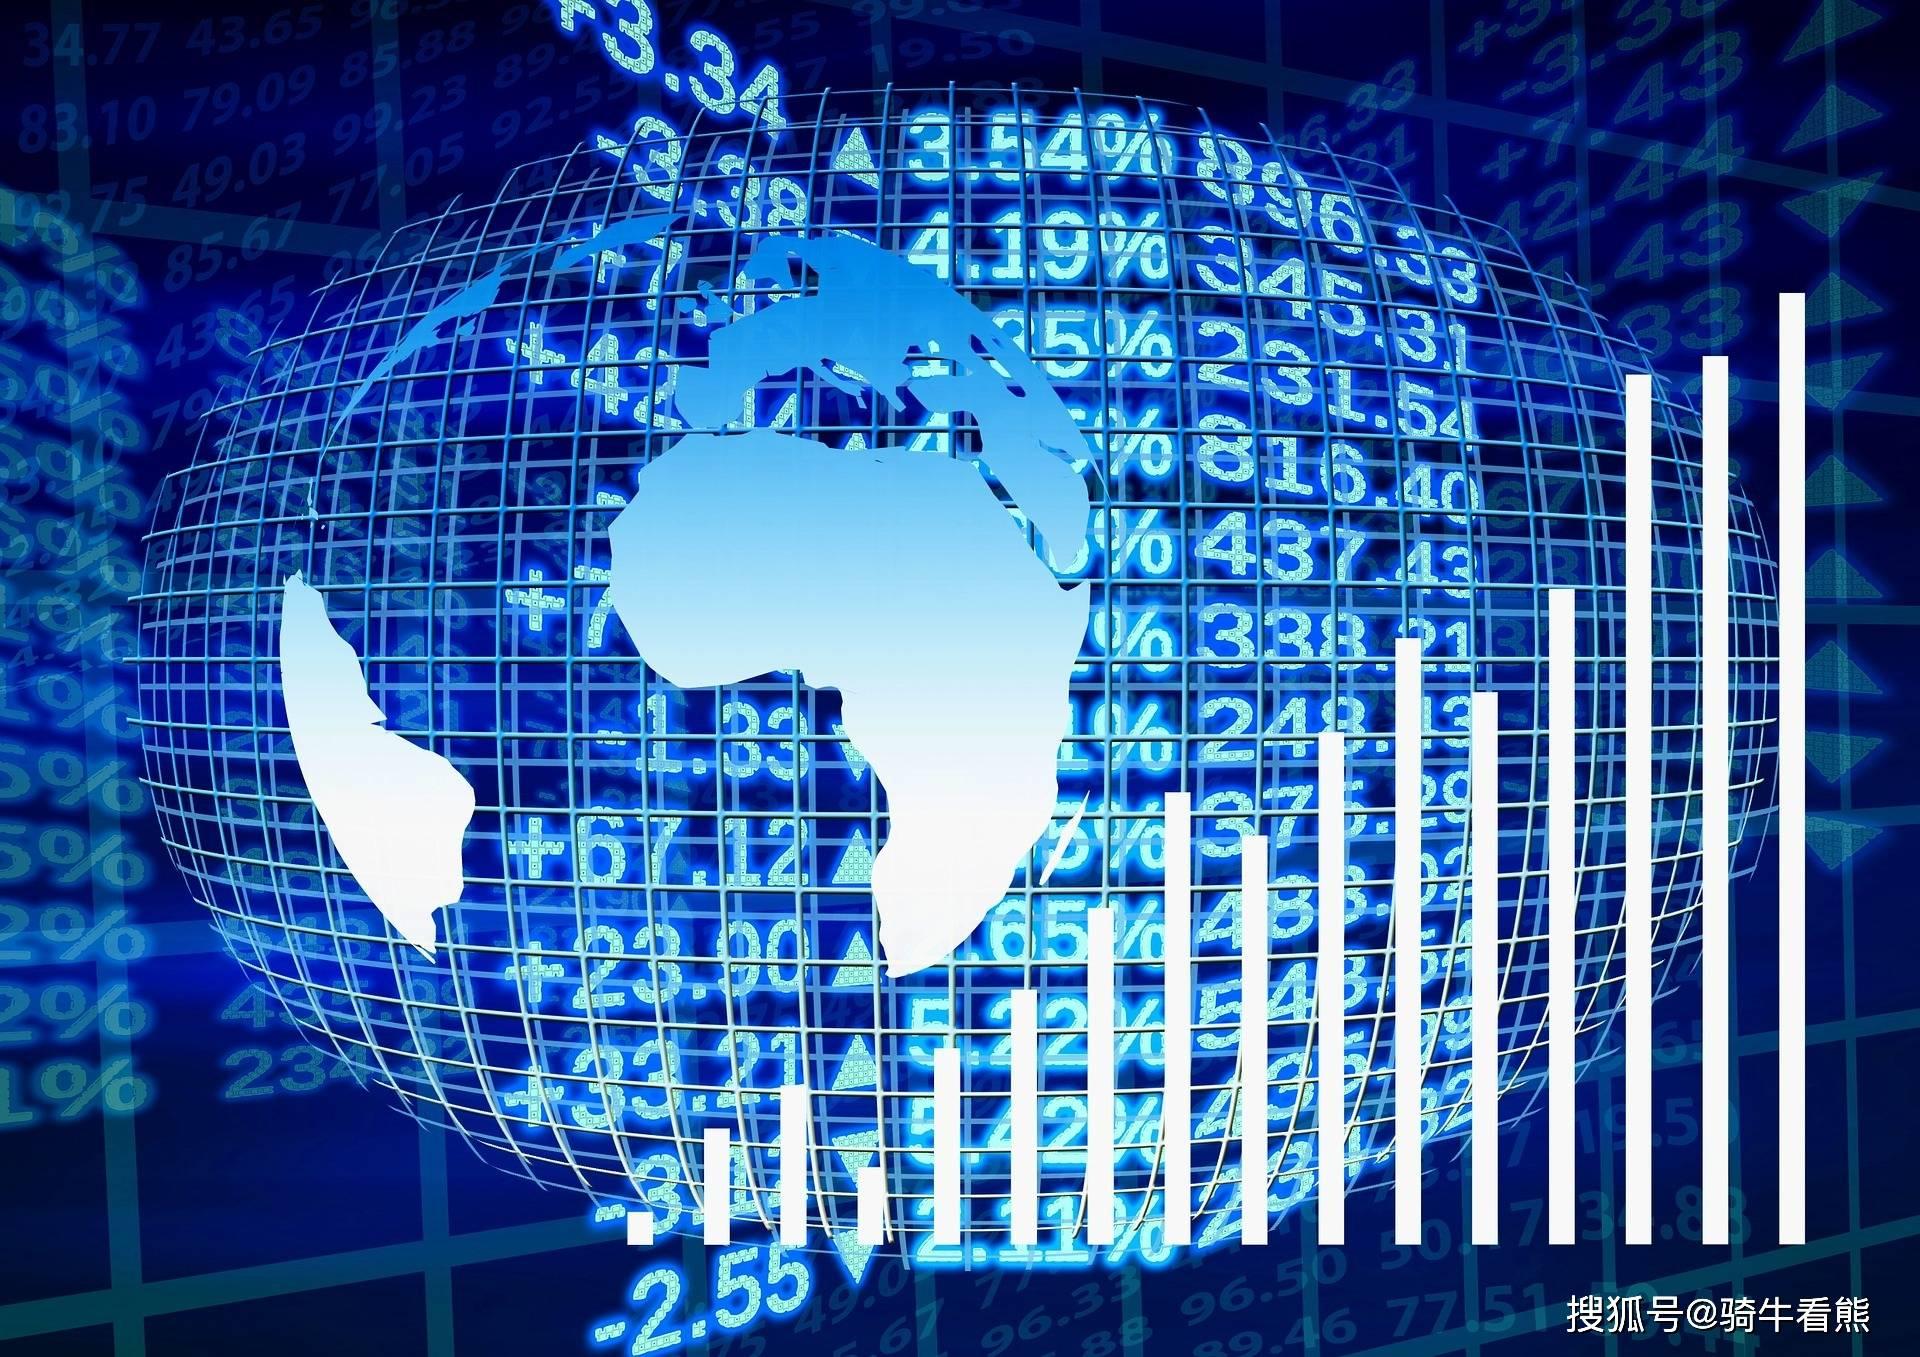 普通投资者在买入股票前,第一步要学会什么?